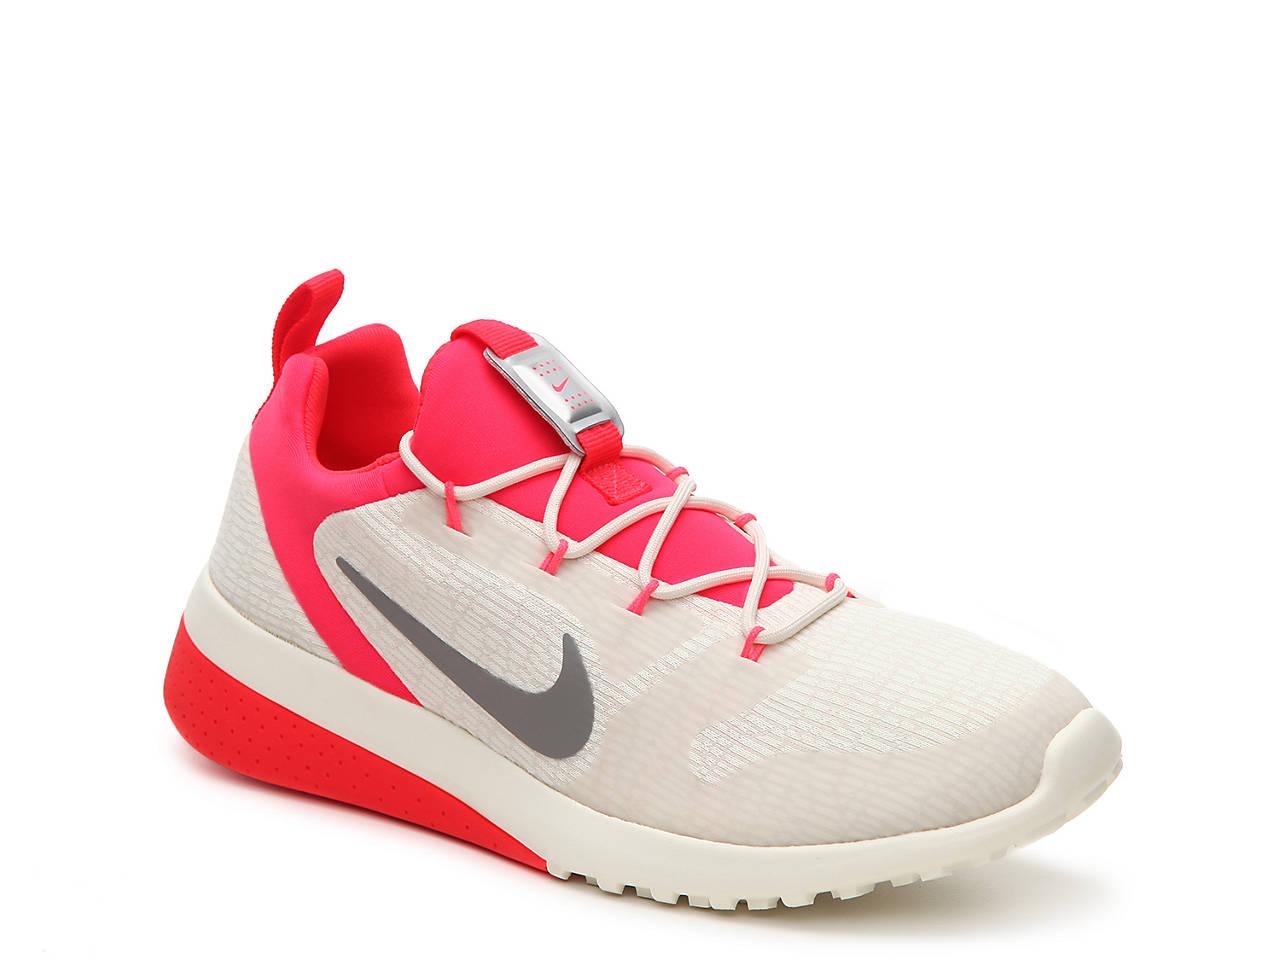 CK Racer Sneaker - Women's